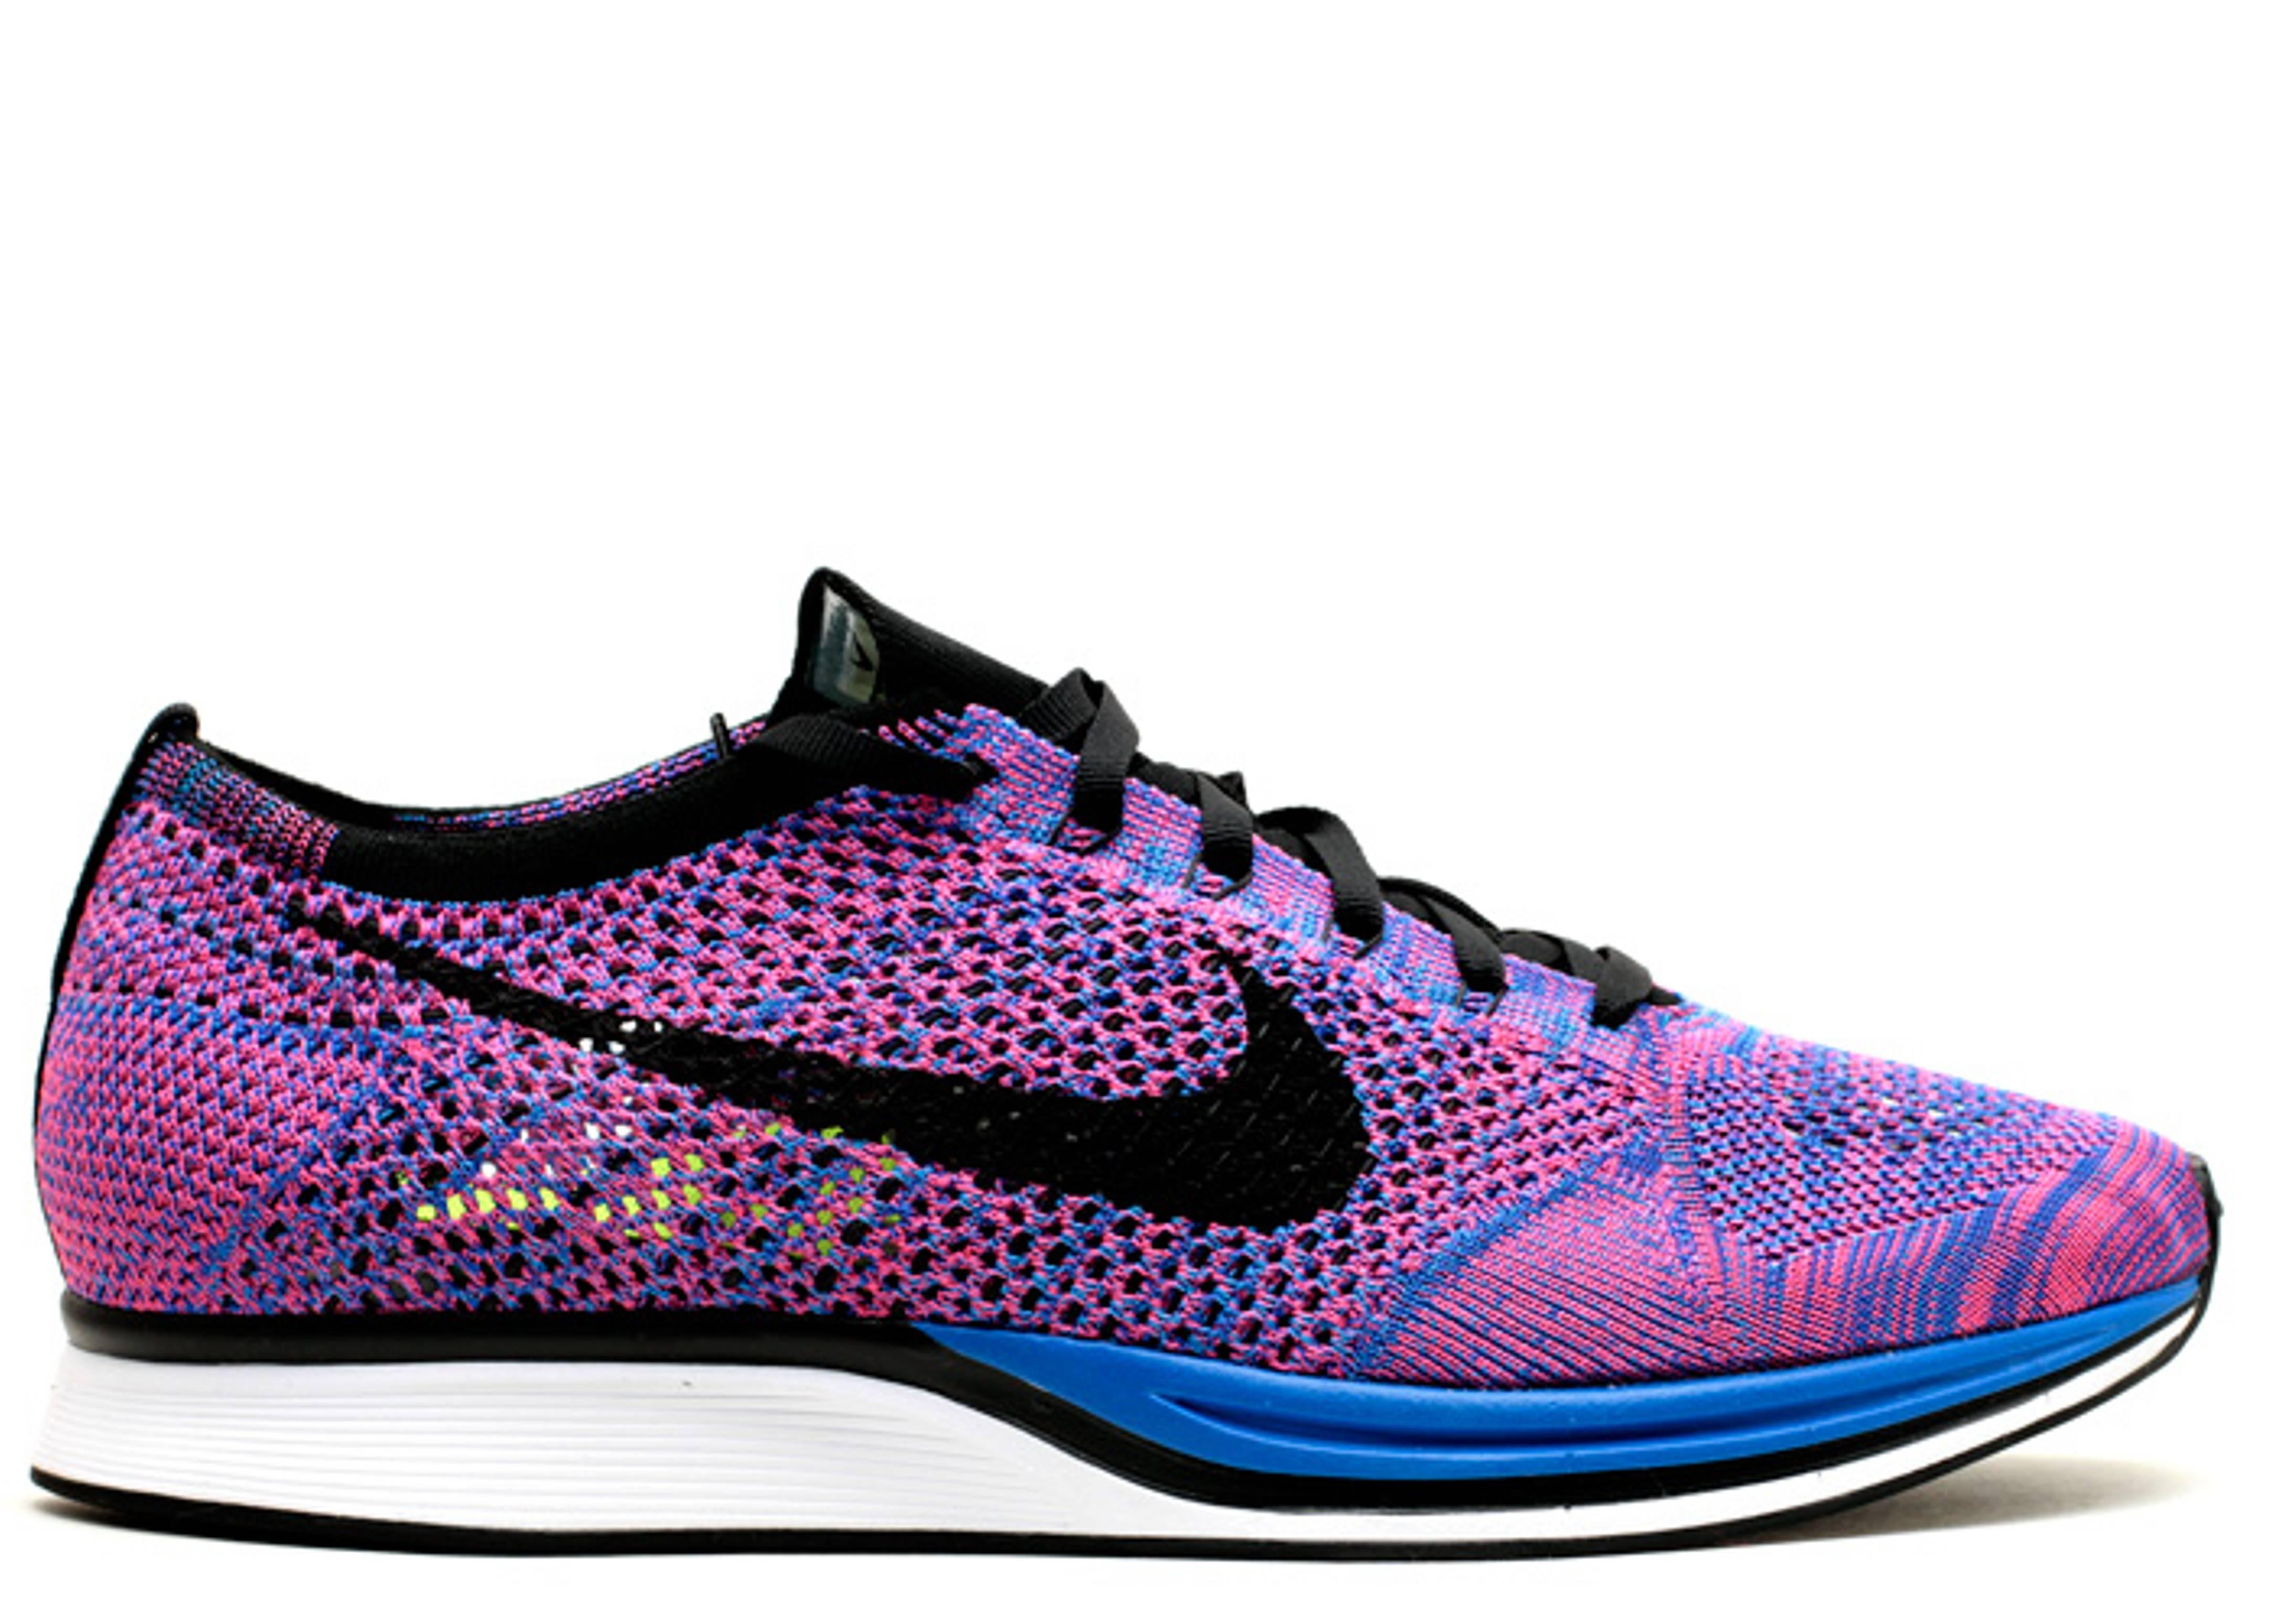 f9de5bd11096e Flyknit Racer - Nike - 526628 400 - game royal black-pink flash ...